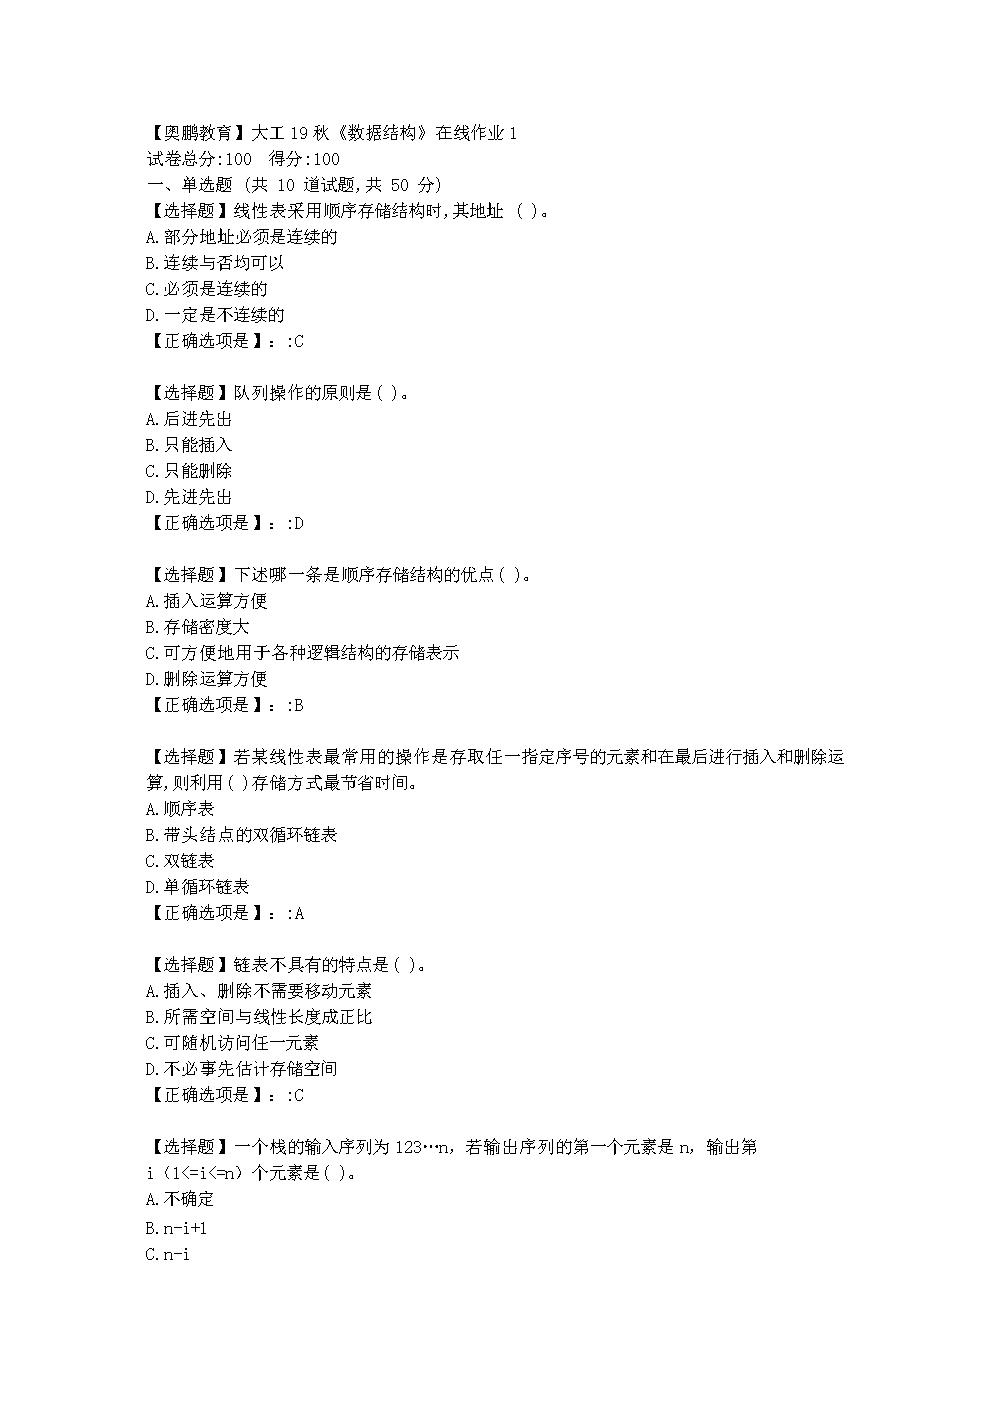 大连理工大学19秋《数据结构》在线作业1学习资料.doc